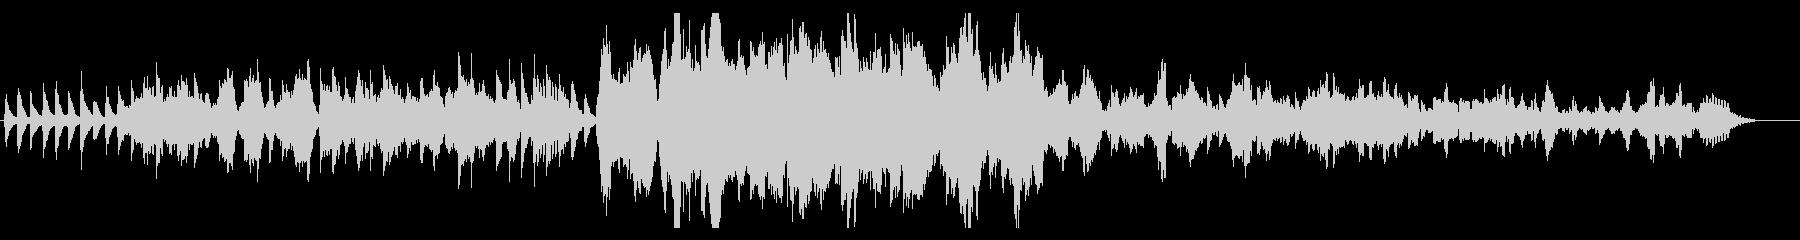 桜舞う切ないピアノとチェロのインストの未再生の波形